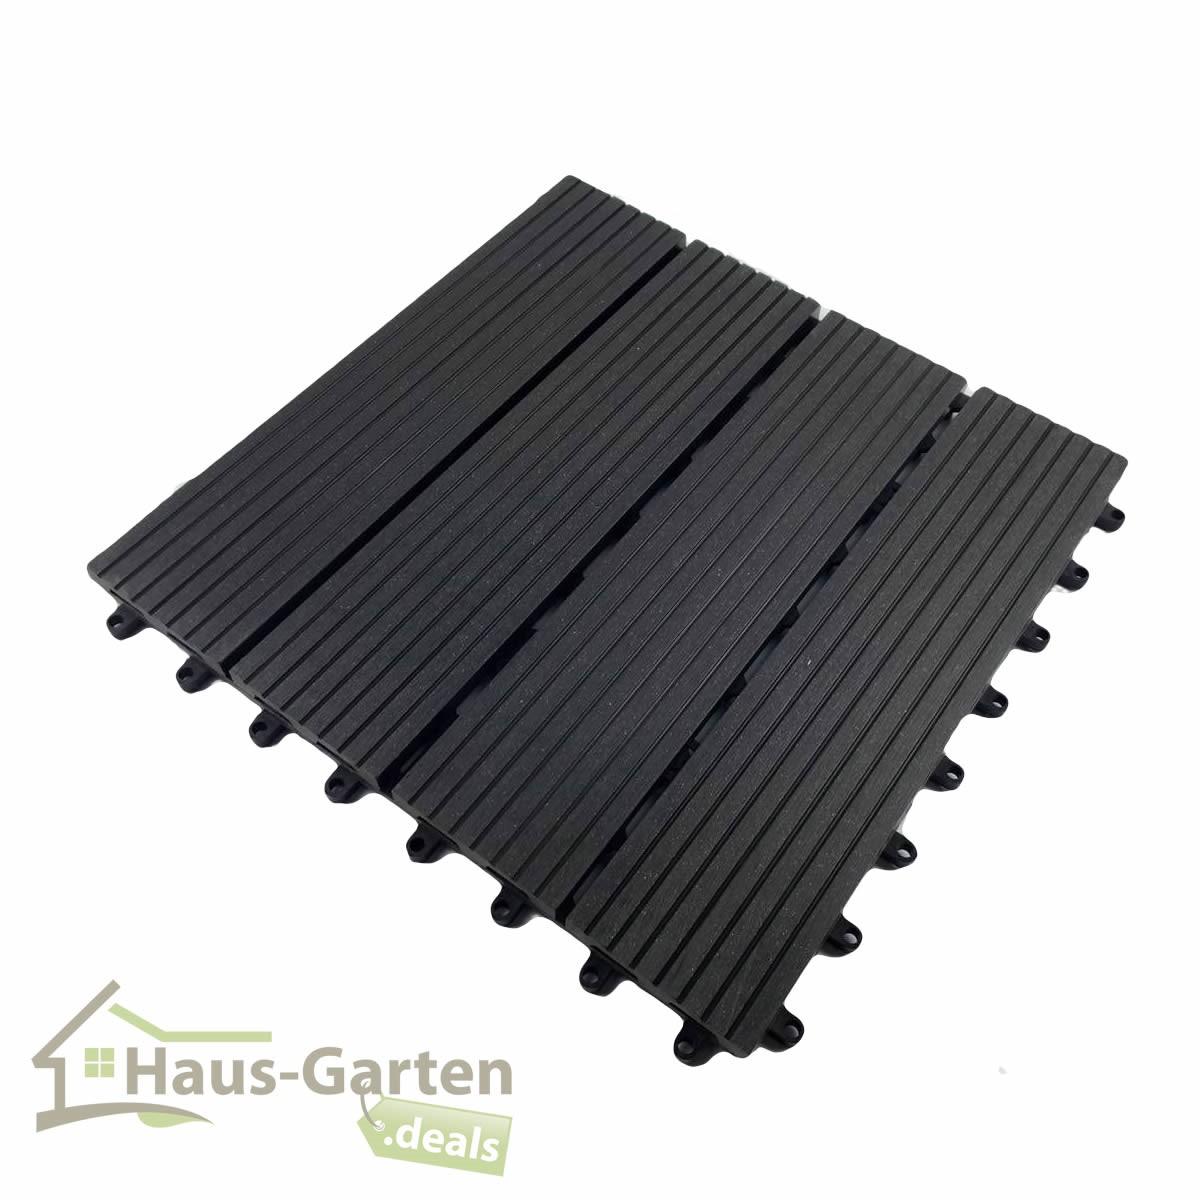 Balkon Fliesen Holz Reinigen ~   ) WPC Holz Fliesen Farbe dunkelgrau für Terasse Garten Balkon  eBay